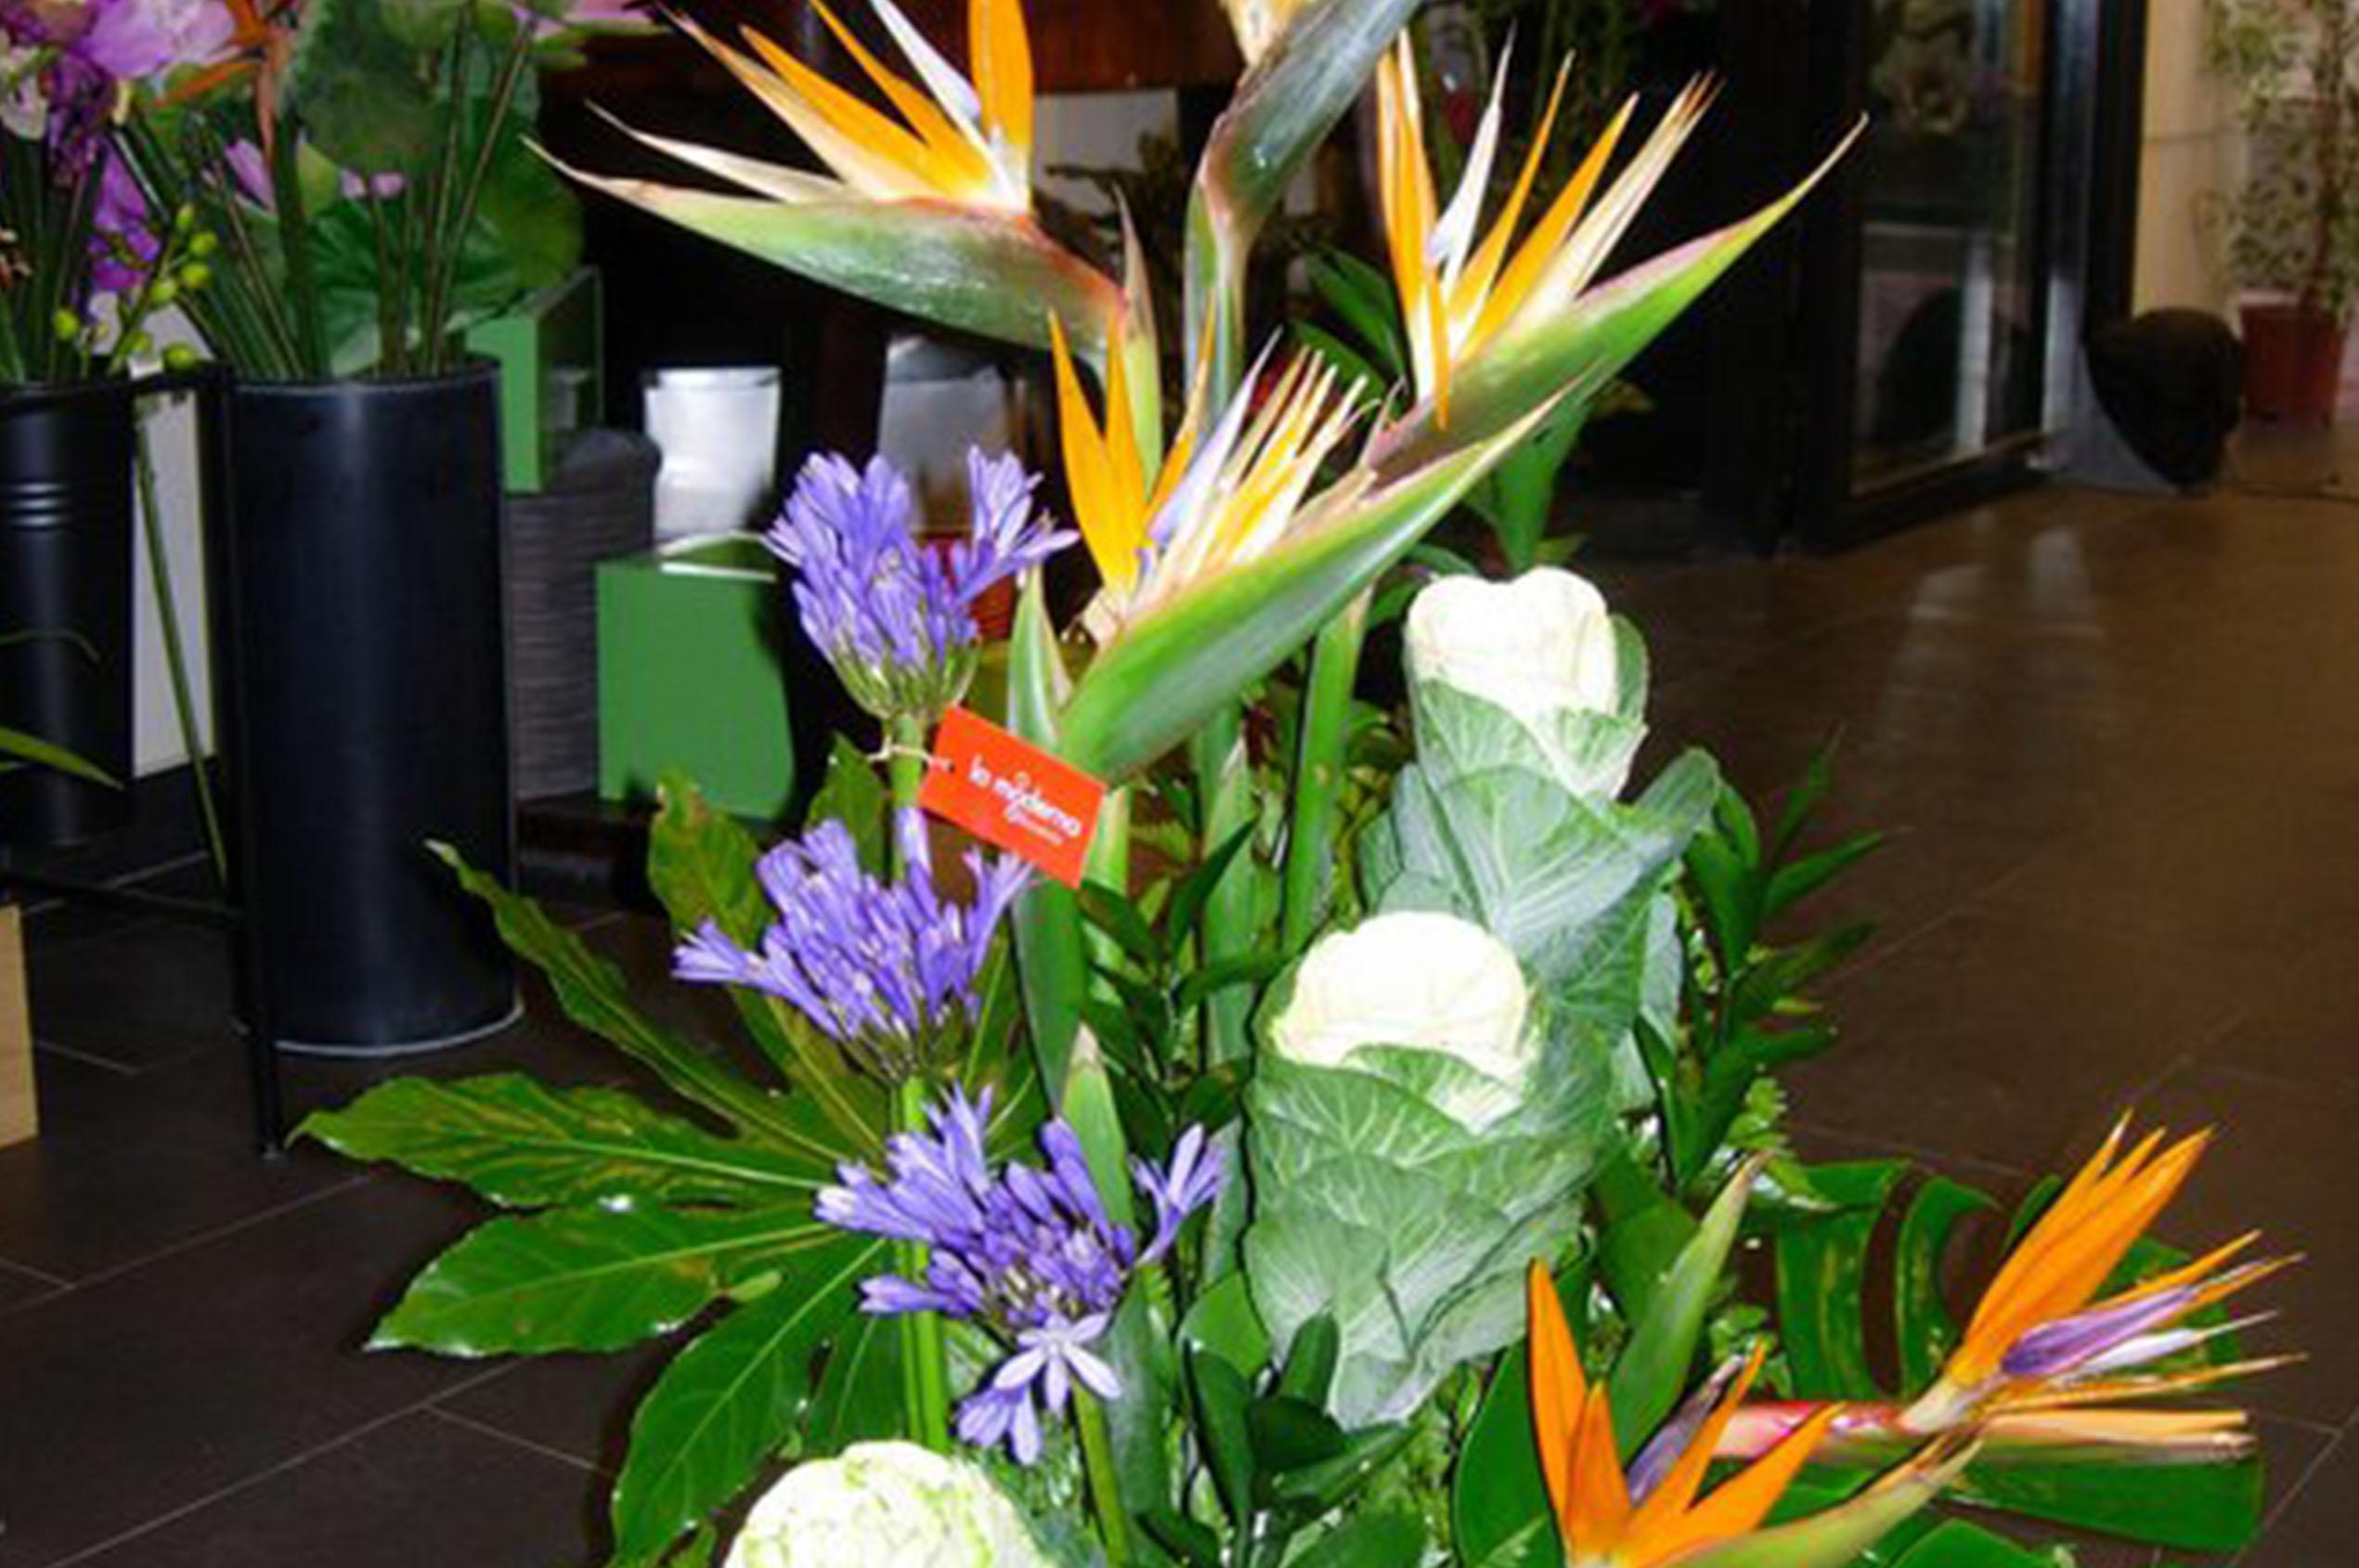 Floristeria En Zaragoza Floristeria La Moderna - Centros-florales-modernos